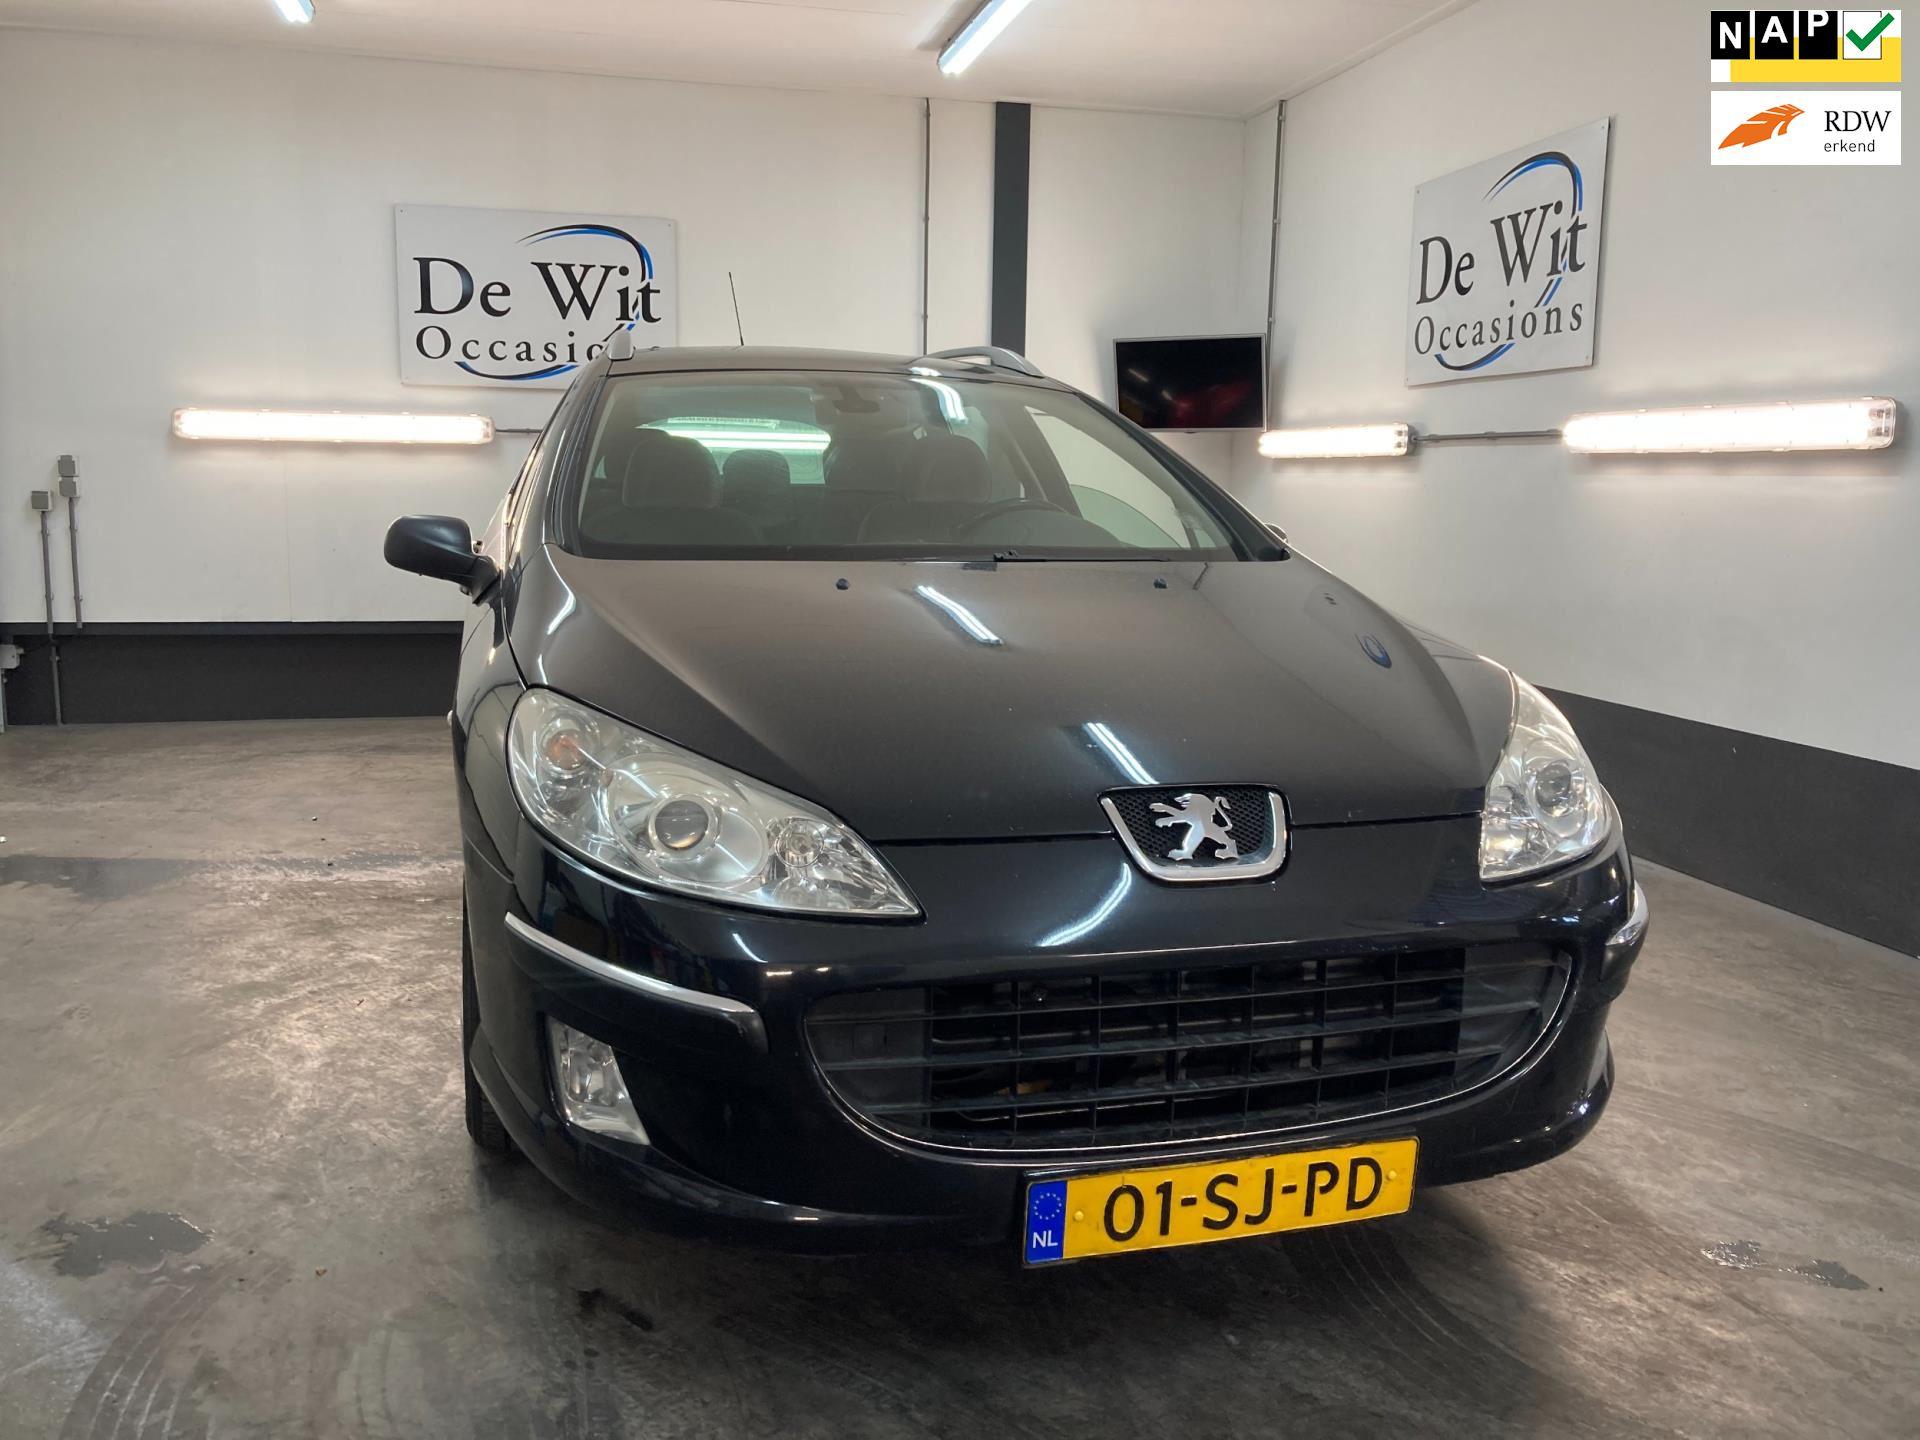 Peugeot 407 SW occasion - De Wit Occasions